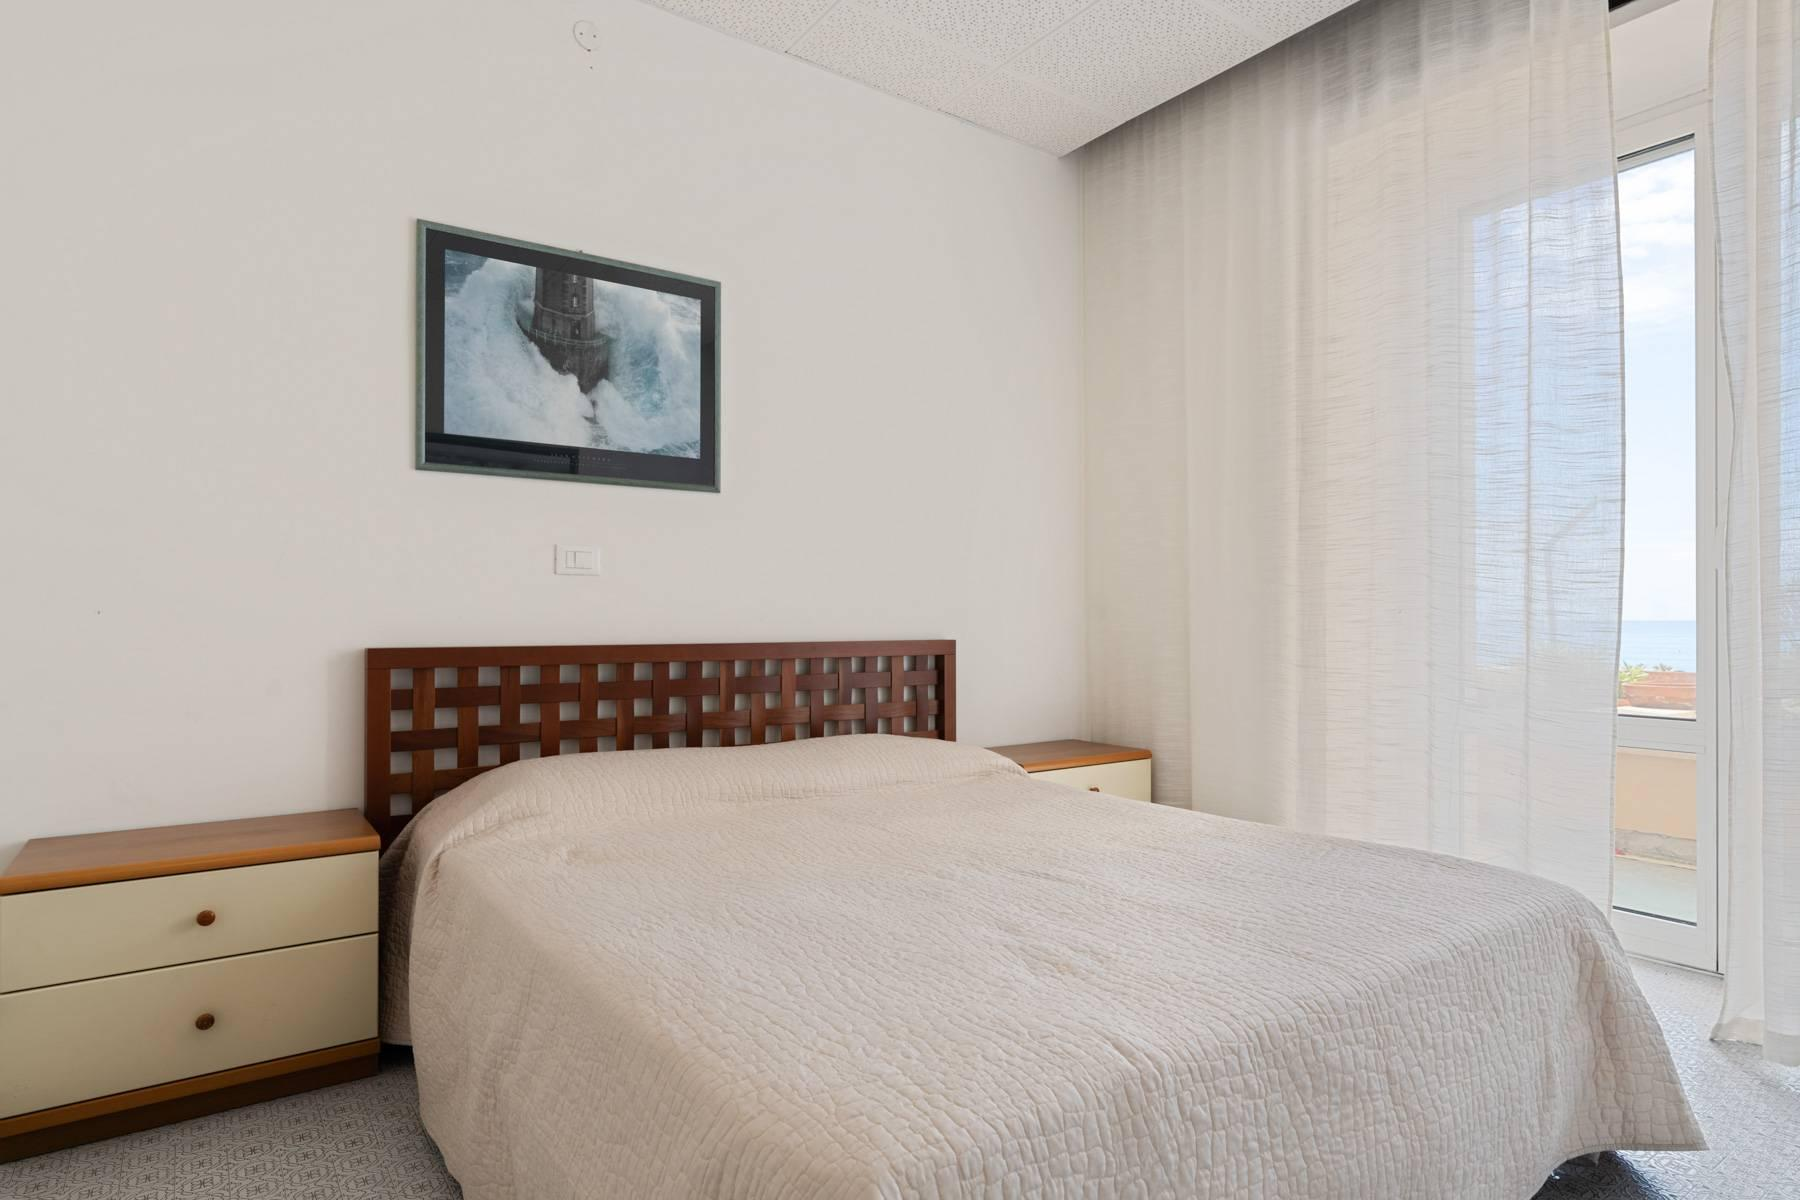 Wohnung am Meer mit wunderscöner Terrasse - 8